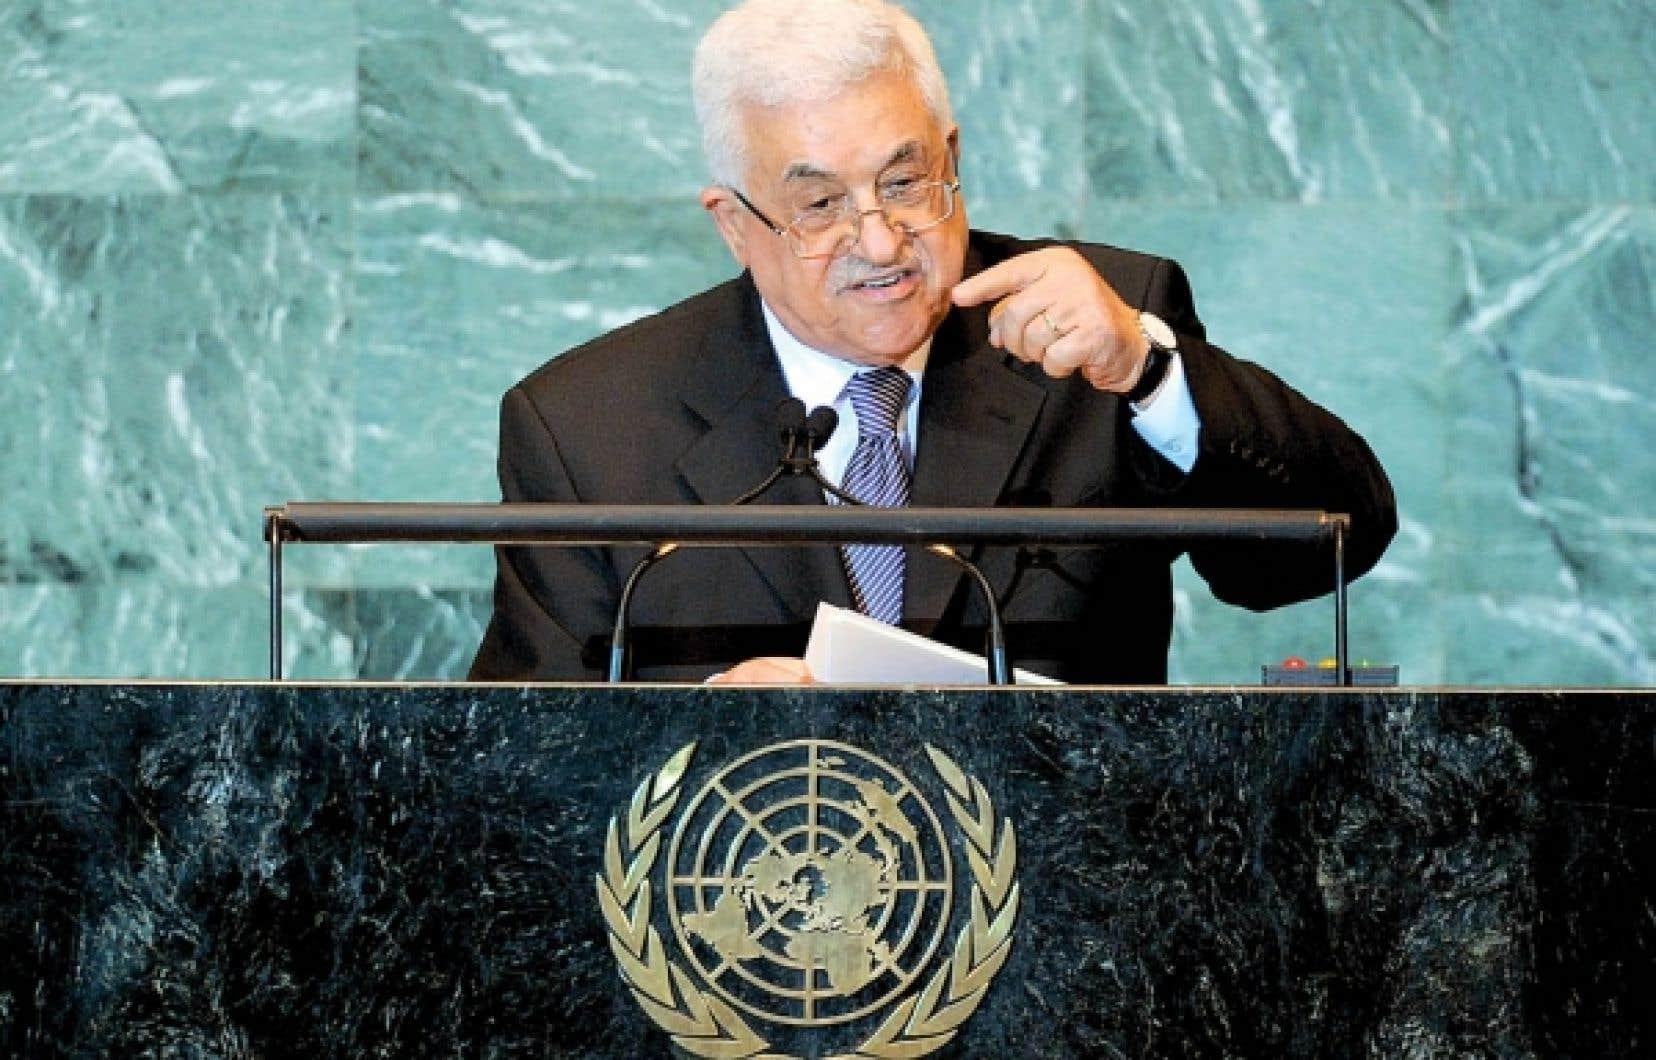 Mahmoud Abbas a solennellement expos&eacute; hier la demande d&rsquo;adh&eacute;sion de la Palestine &agrave; l&rsquo;Organisation des Nations unies, demande jug&eacute;e pr&eacute;matur&eacute;e par le premier ministre d&rsquo;Isra&euml;l, Benjamin N&eacute;tanyahou.<br />